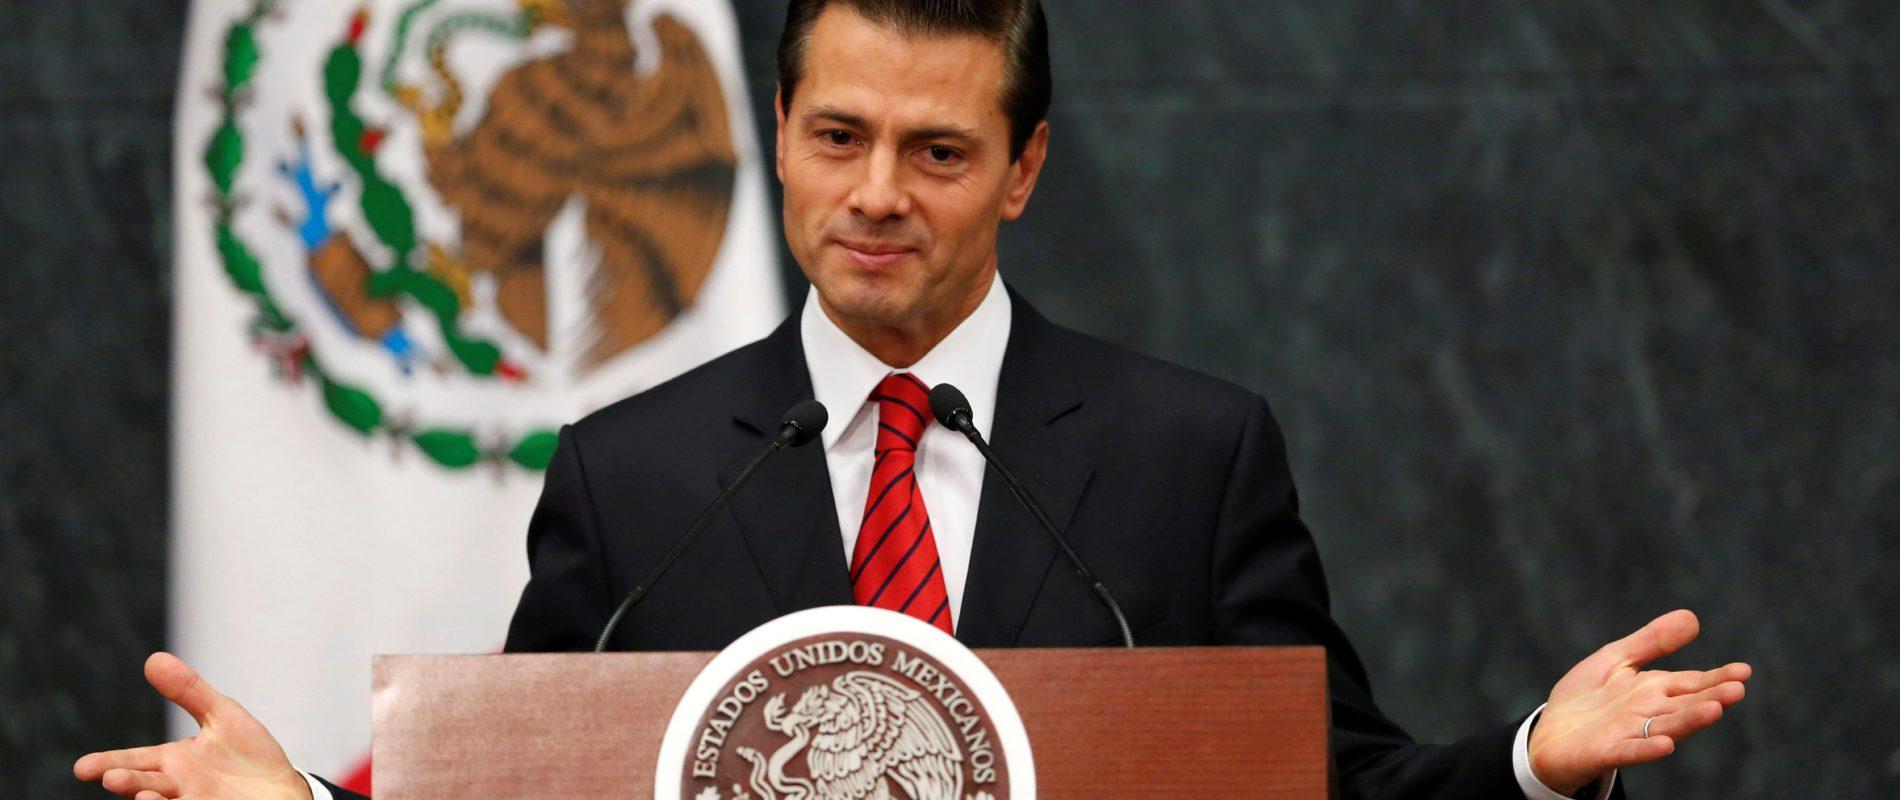 SCJN invalida 'Ley Chayote', impulsada por Peña Nieto; la declaró inconstitucional